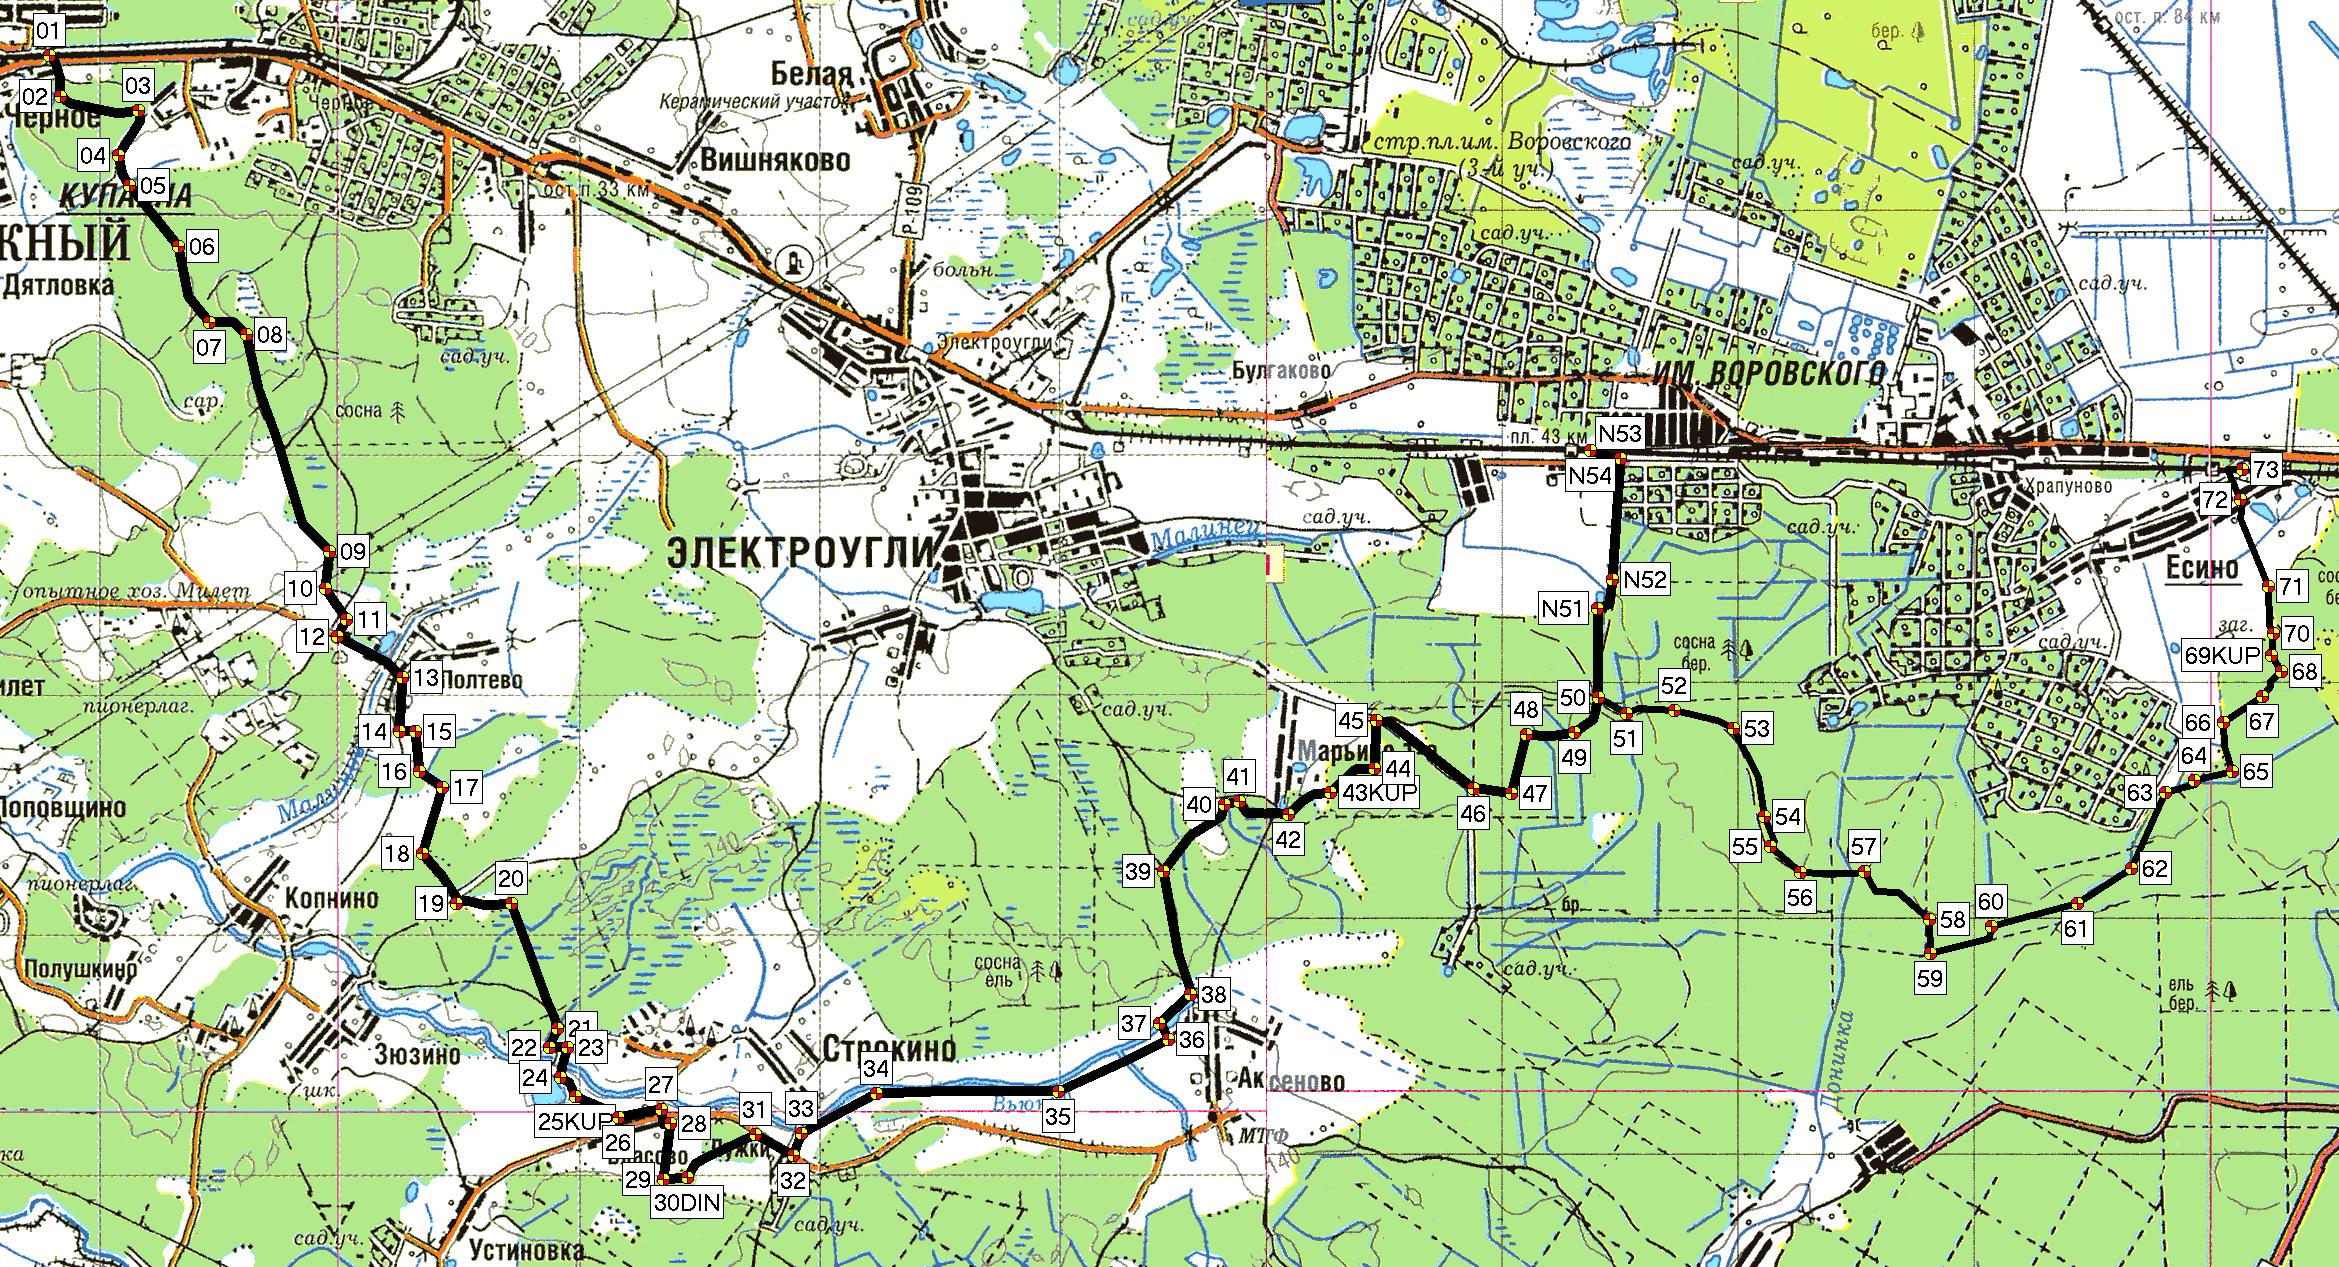 карта московской области рыболовная